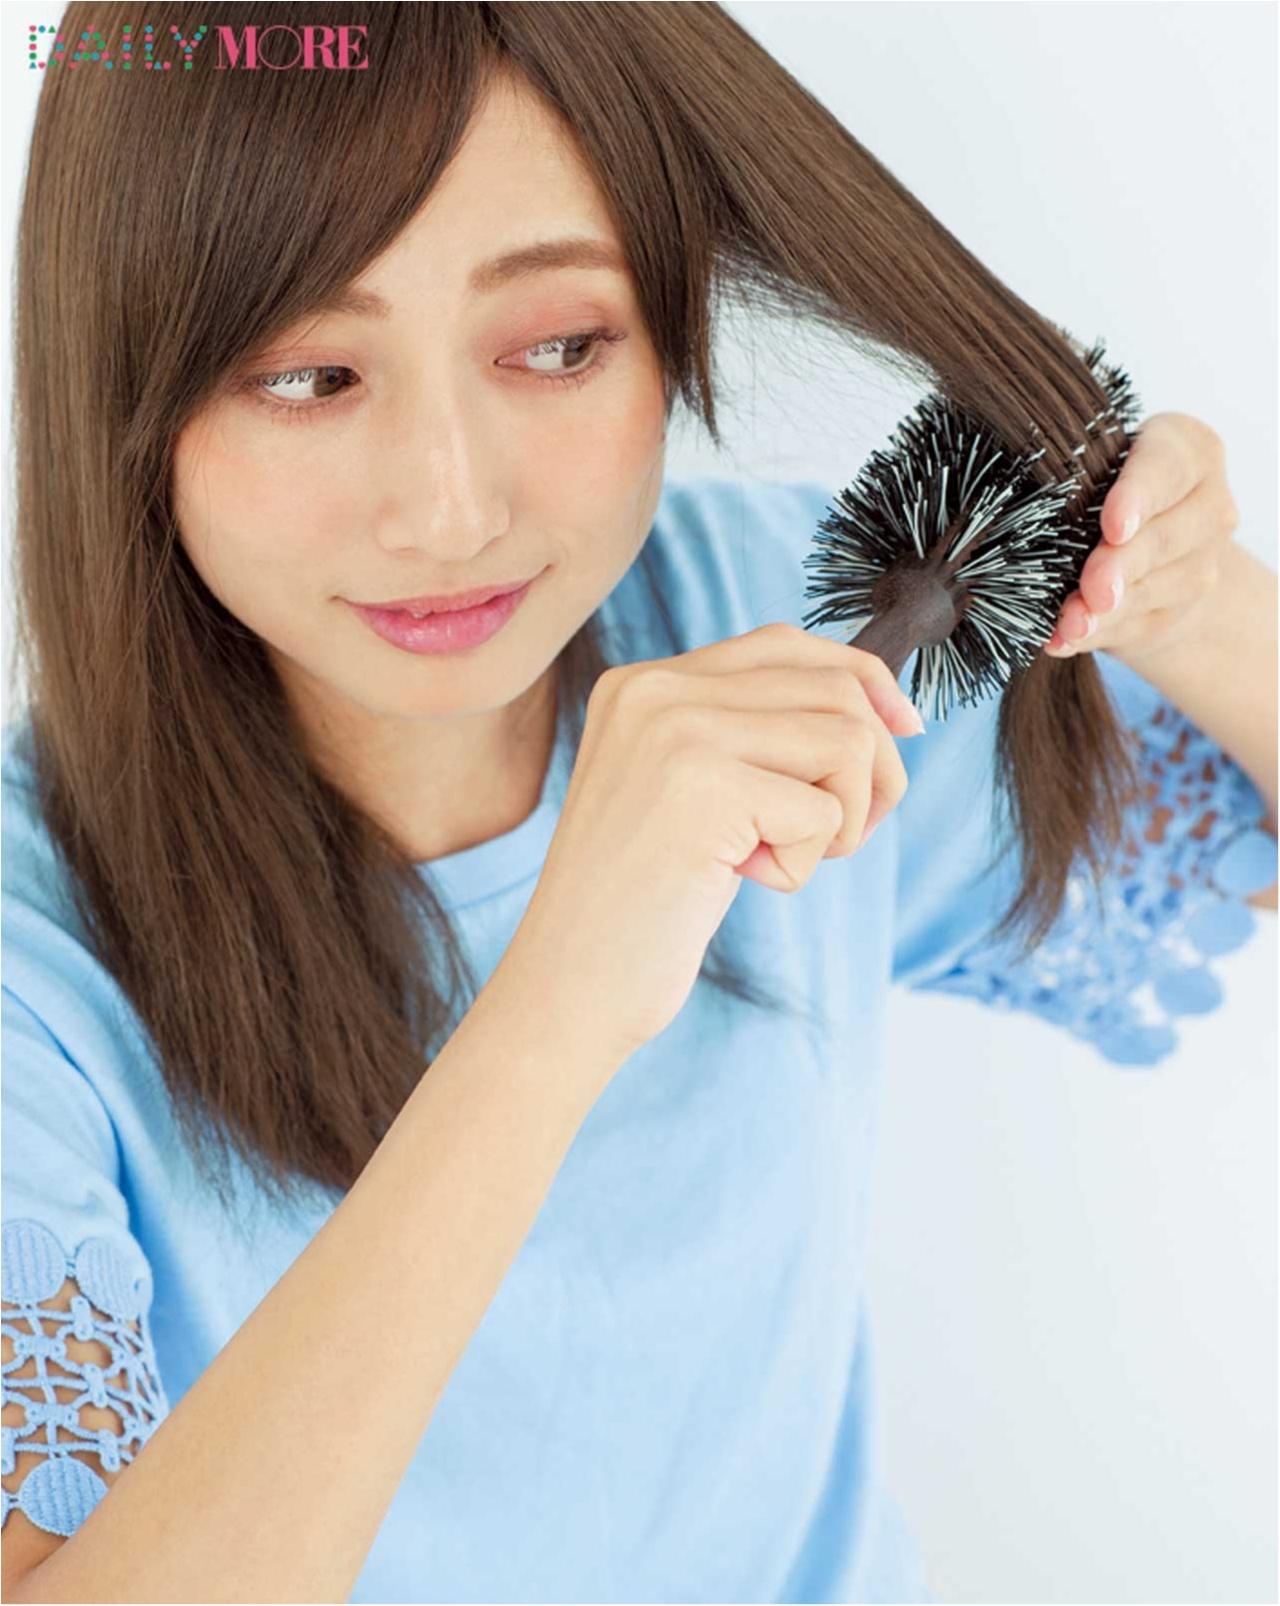 ドライヤーによって仕上がりは変わる! 美髪プロが教える「世界一正しい 髪の乾かし方」_3